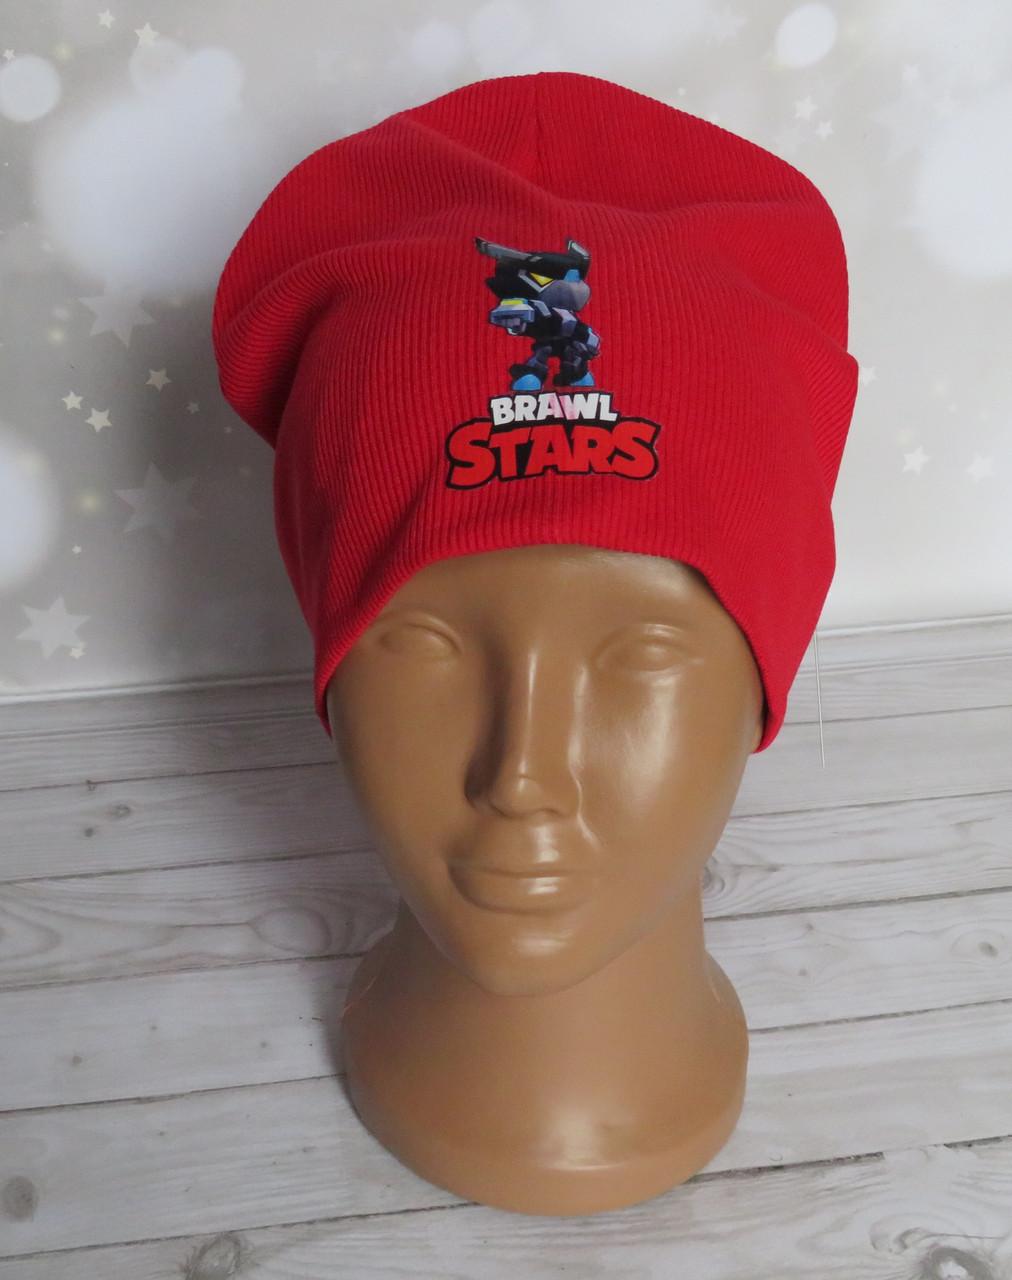 Детская трикотажная шапка Brawl Stars рубчик, Ворон меха красная